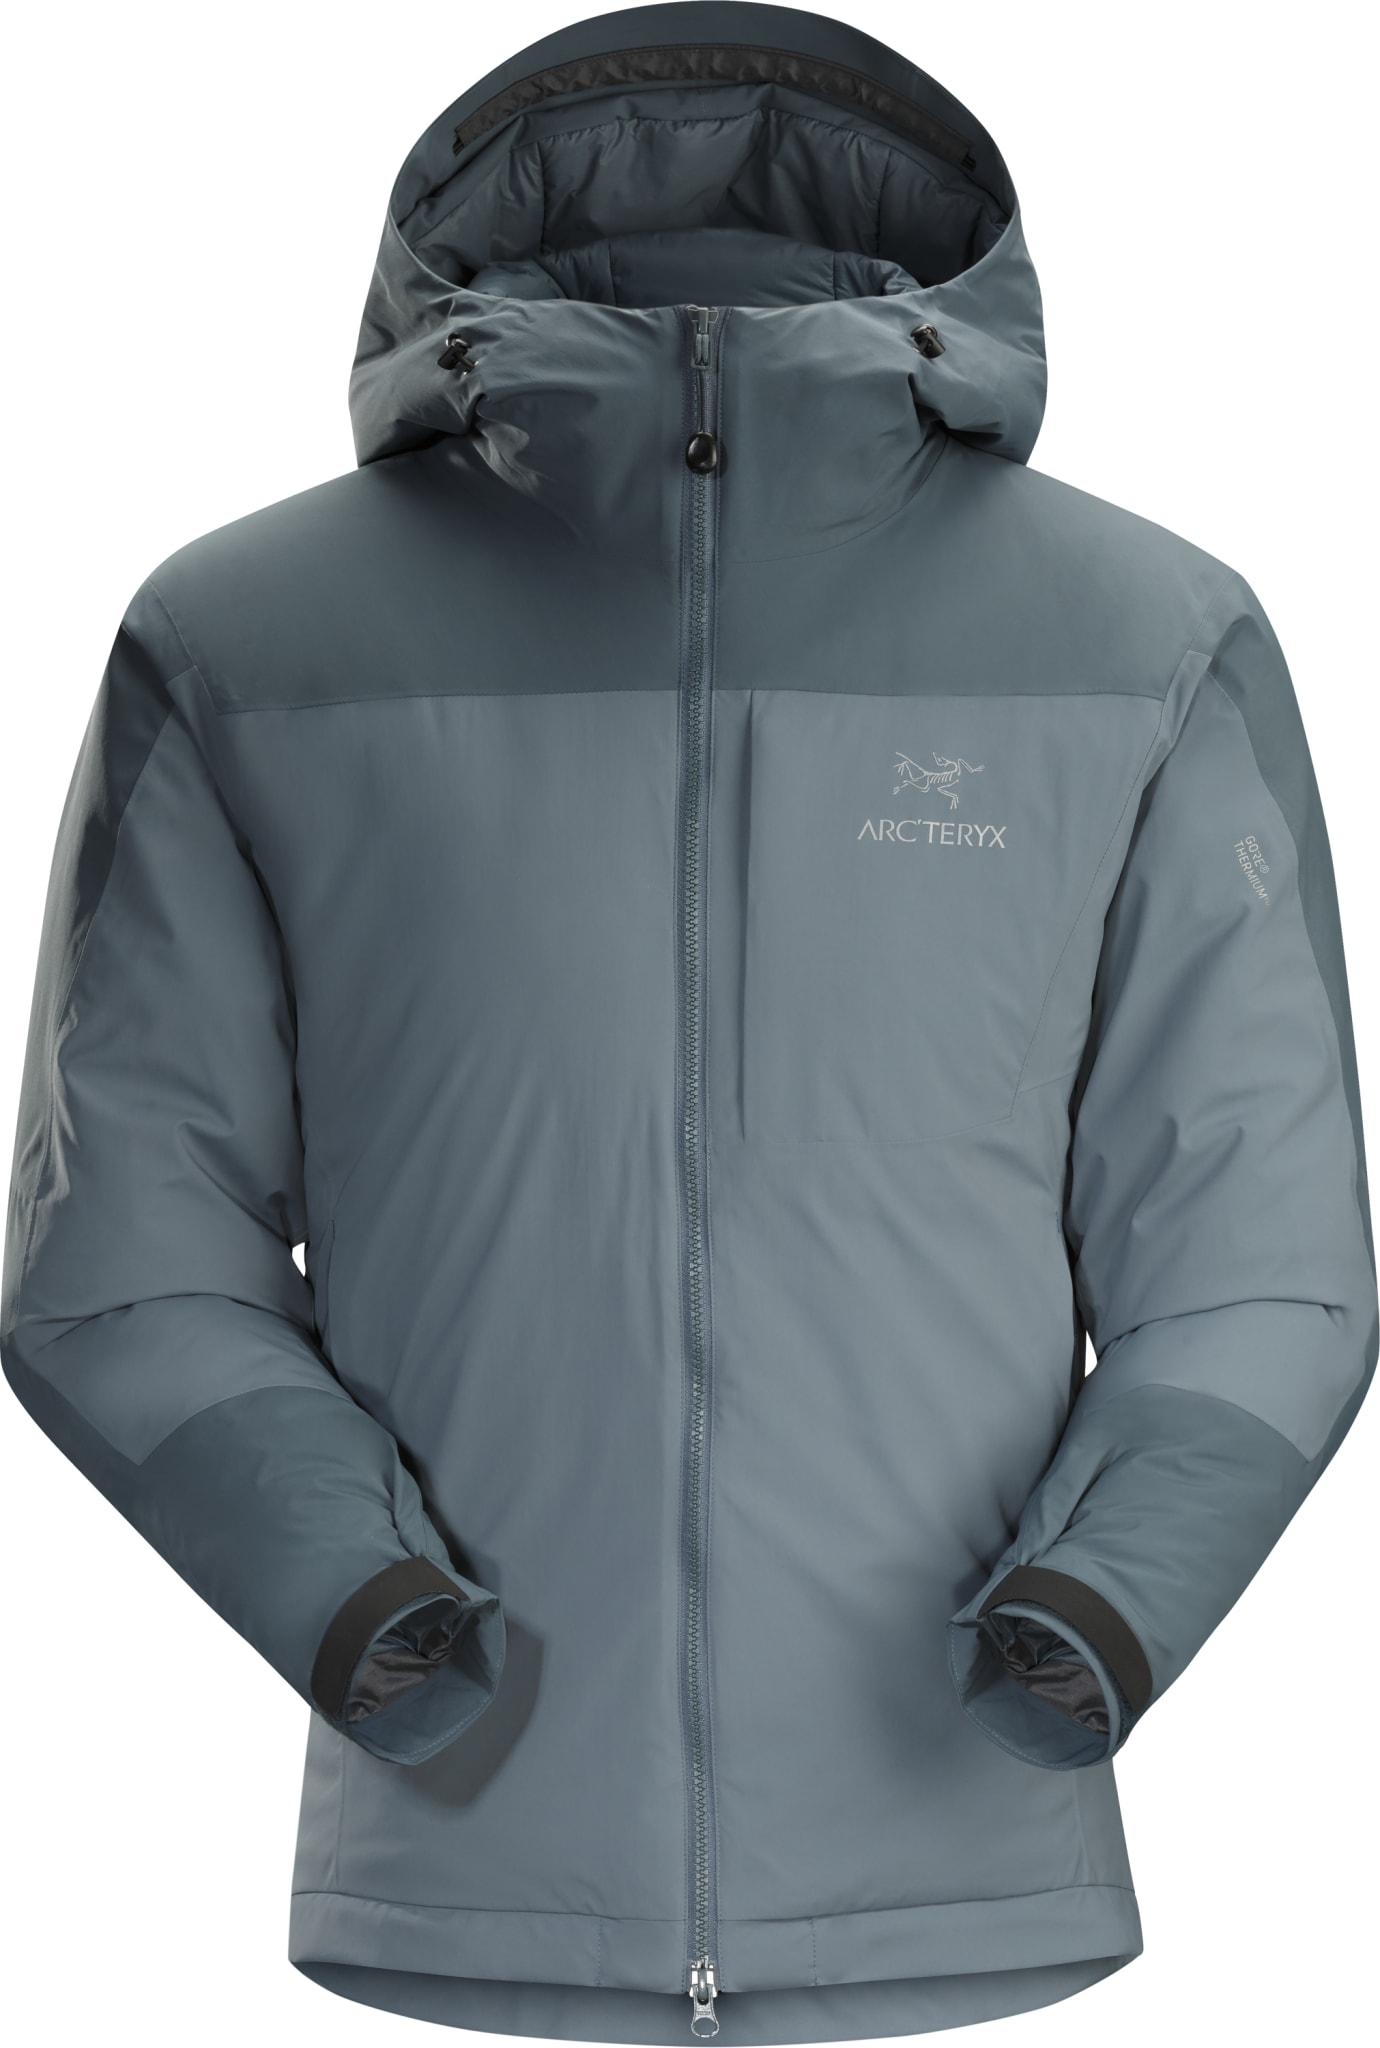 Tykk syntetisk isolasjonsjakke med windstopper ytterstoff.